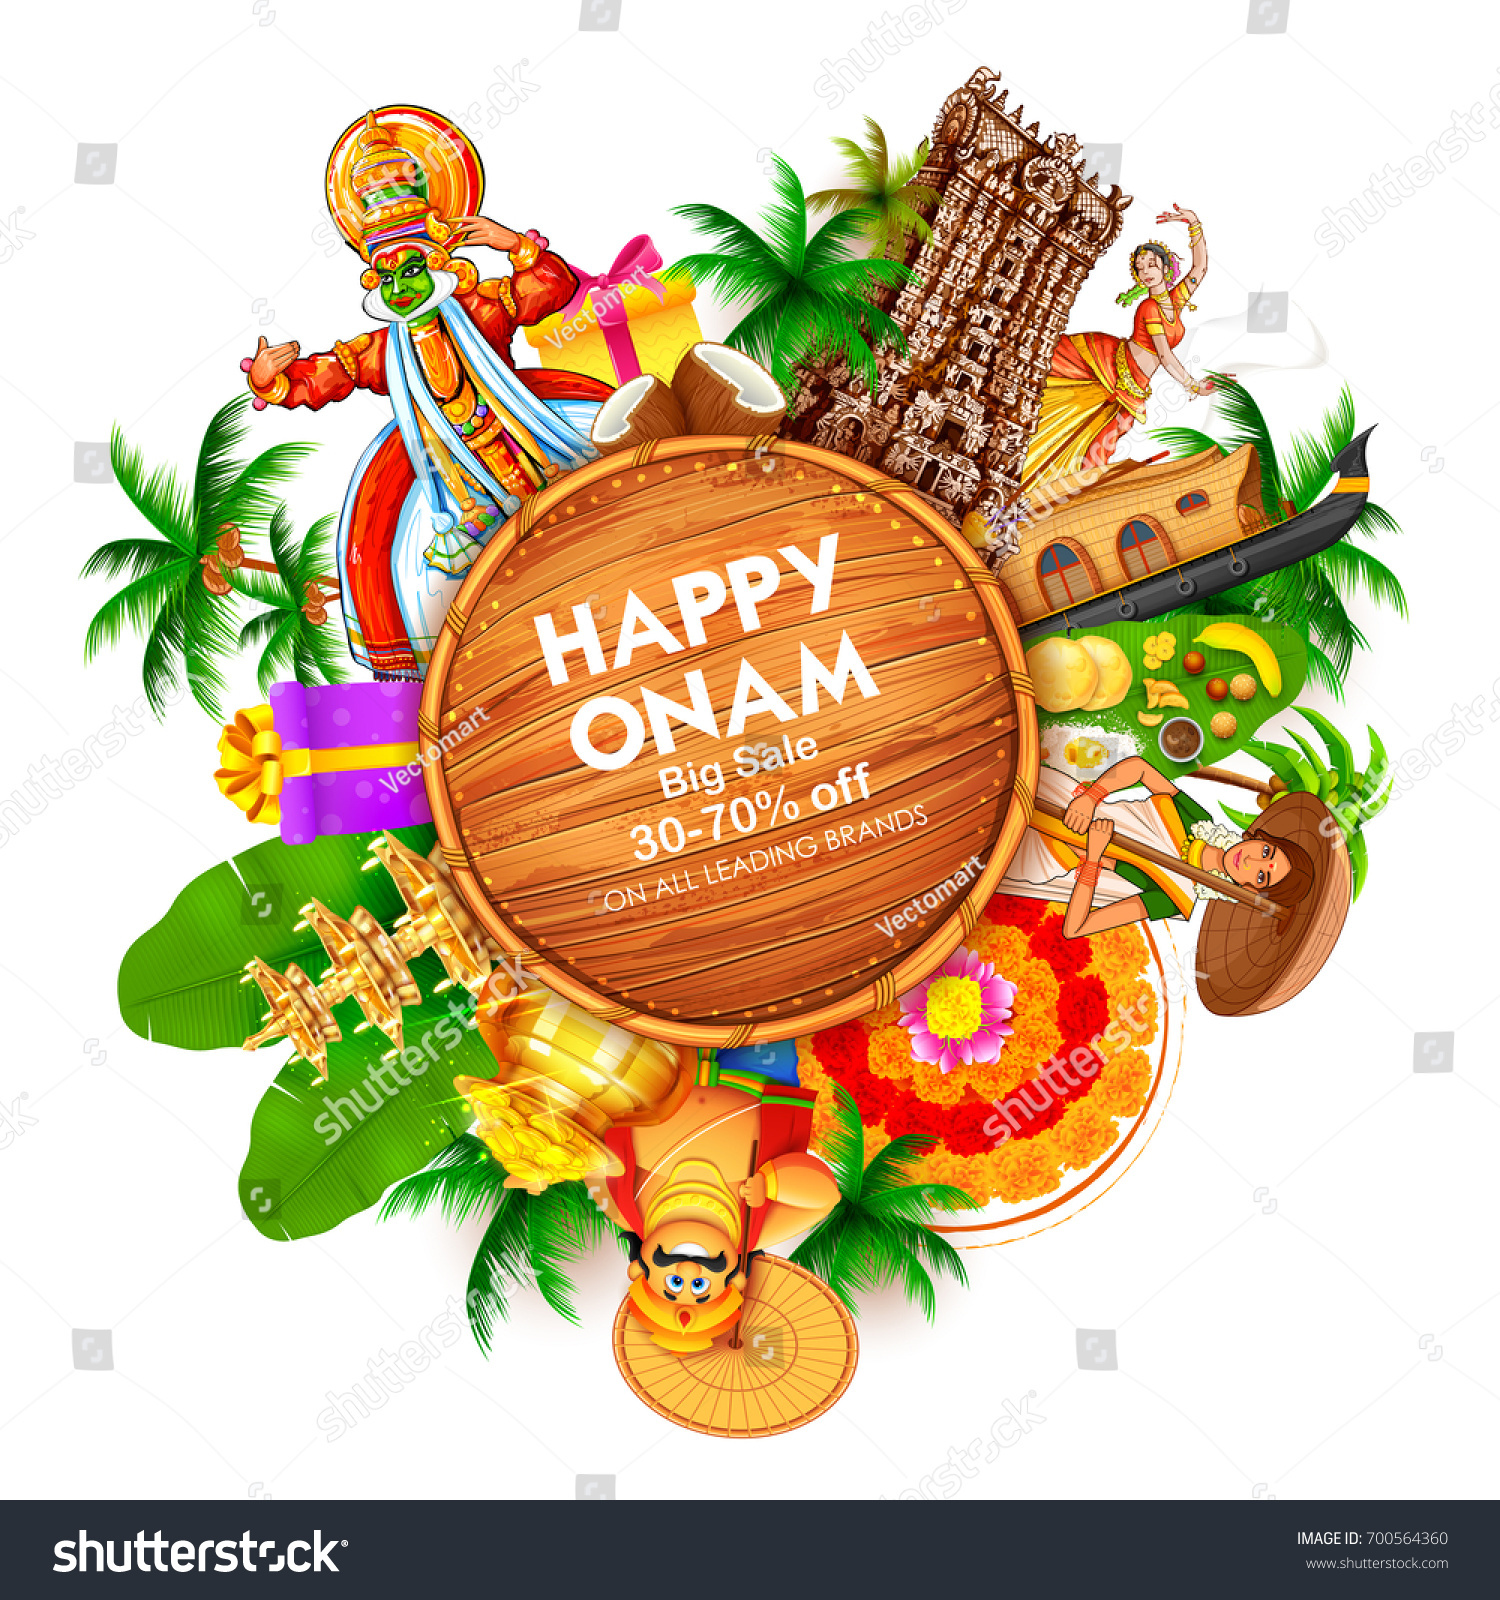 Illustration Advertisement Promotion Background Happy Onam